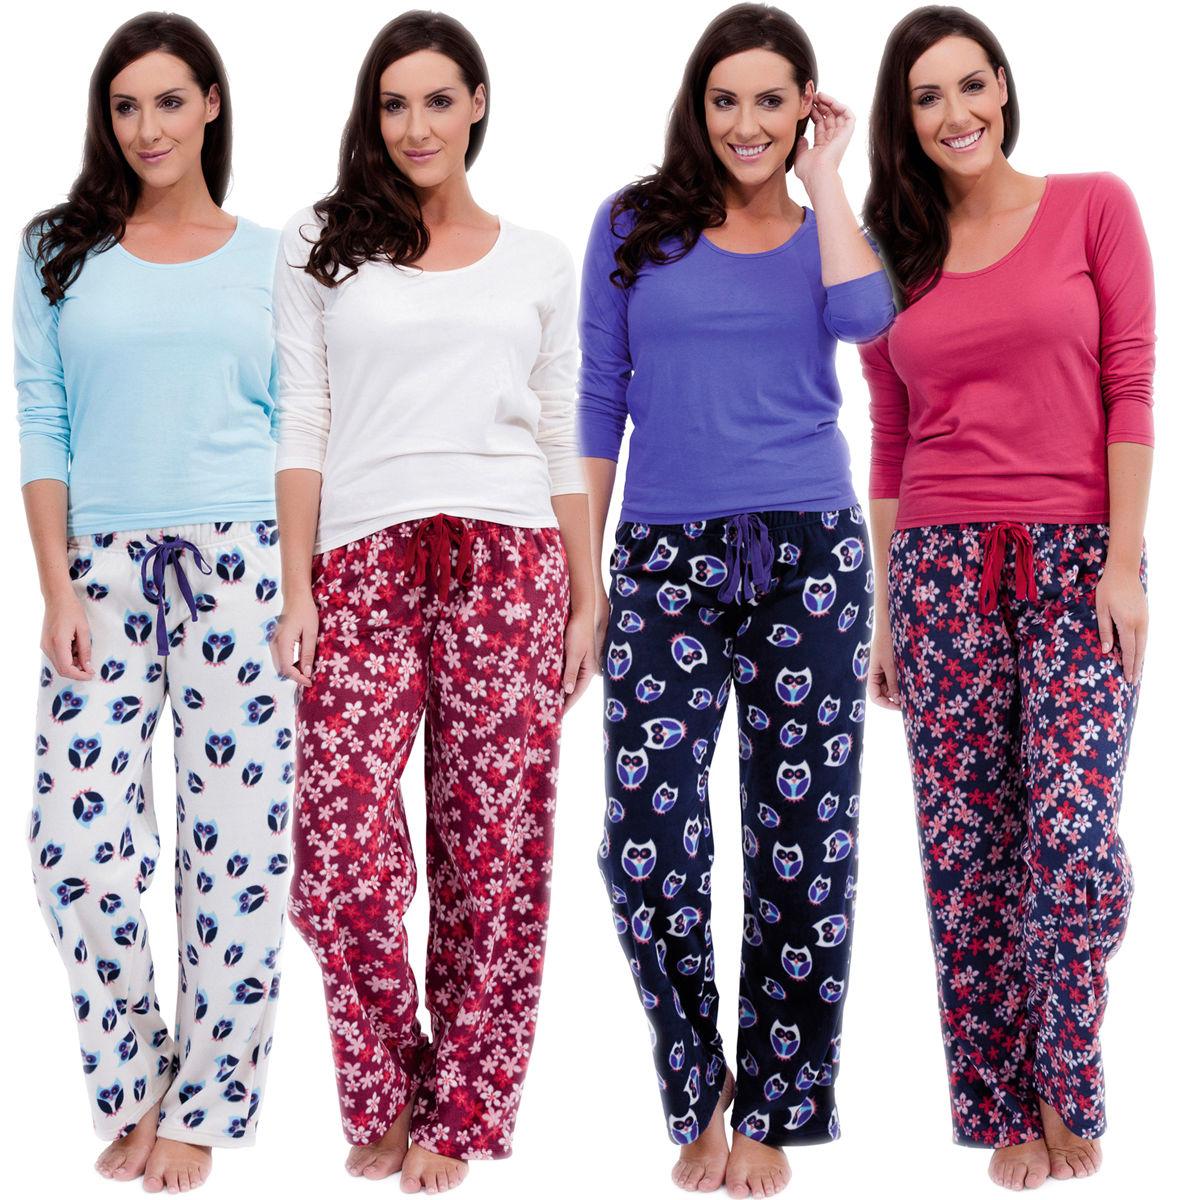 Womens Warm Fleece Winter PJ Pyjama Set Night Wear PJ s Pyjamas Sets Ladies e0d7b8277